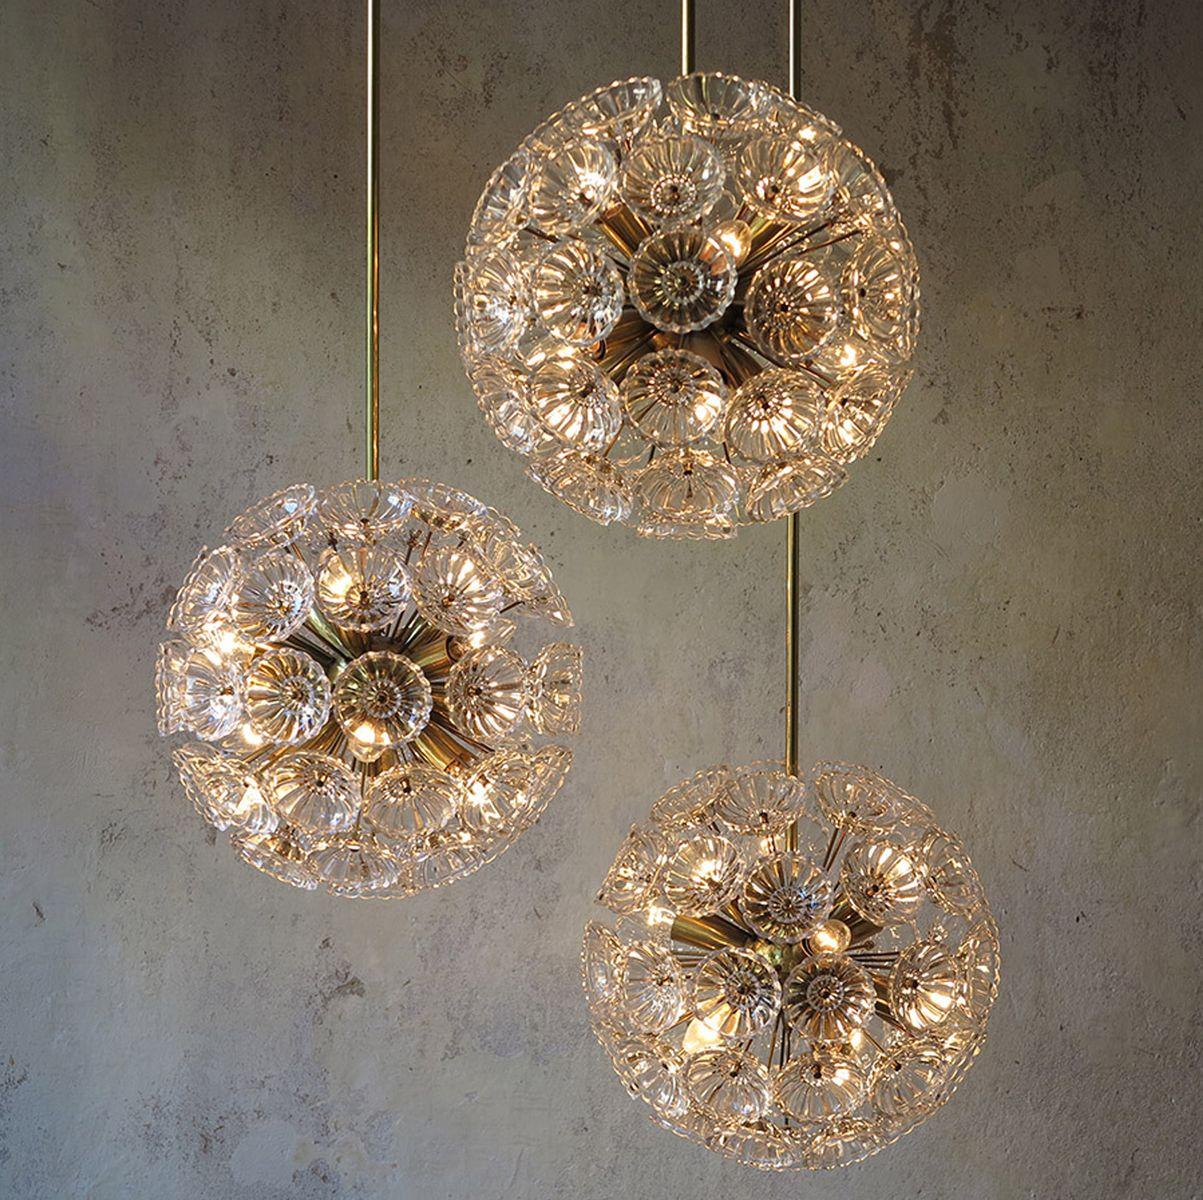 floraler glas messing kronleuchter 1960er 5er set bei pamono kaufen. Black Bedroom Furniture Sets. Home Design Ideas